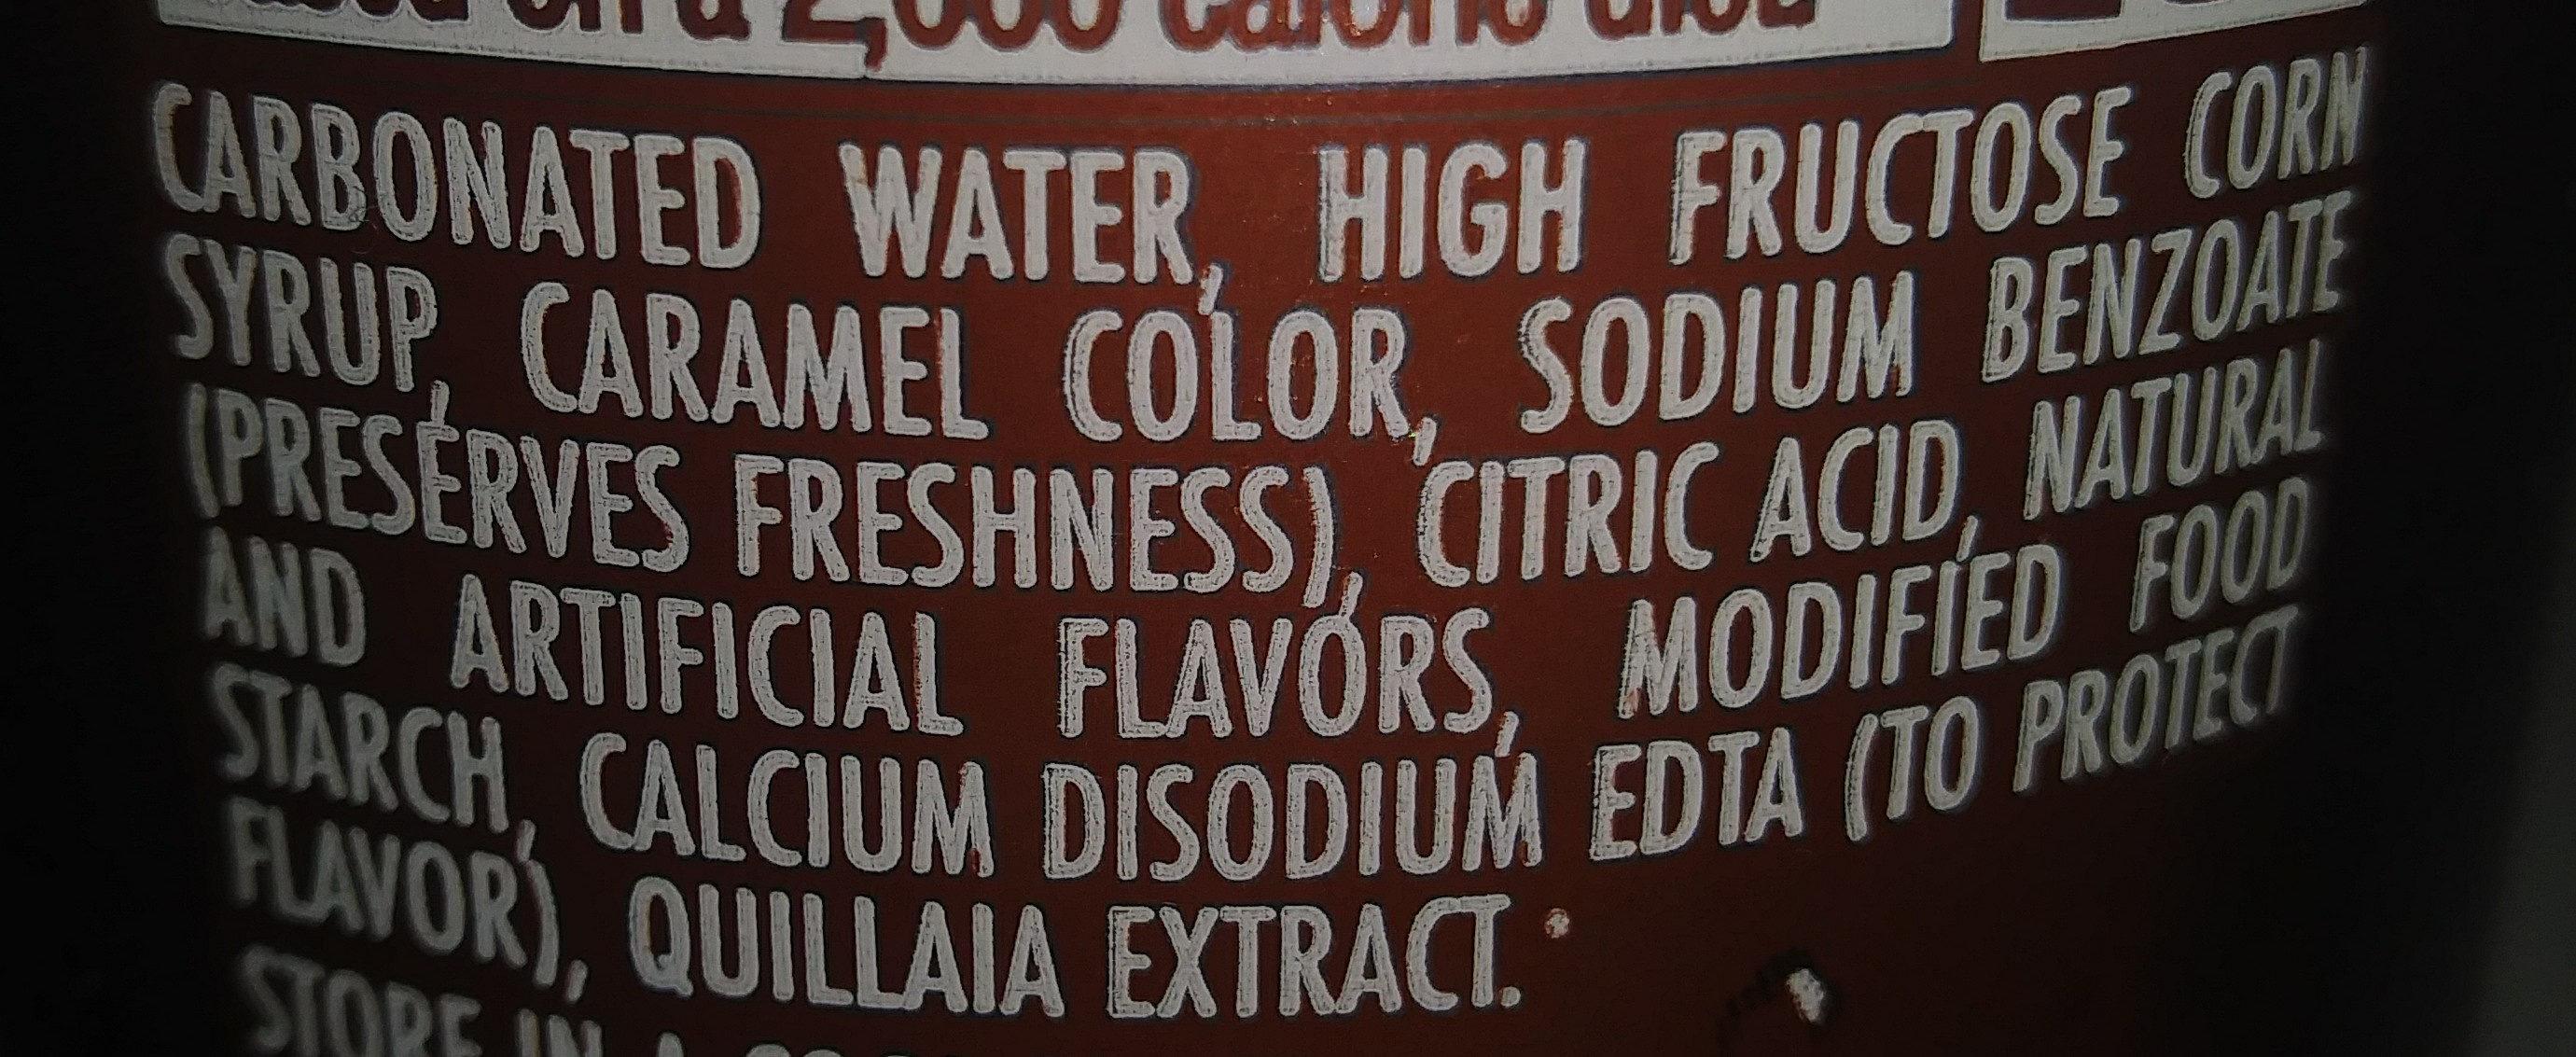 Mug Root Beer - Ingredienti - en